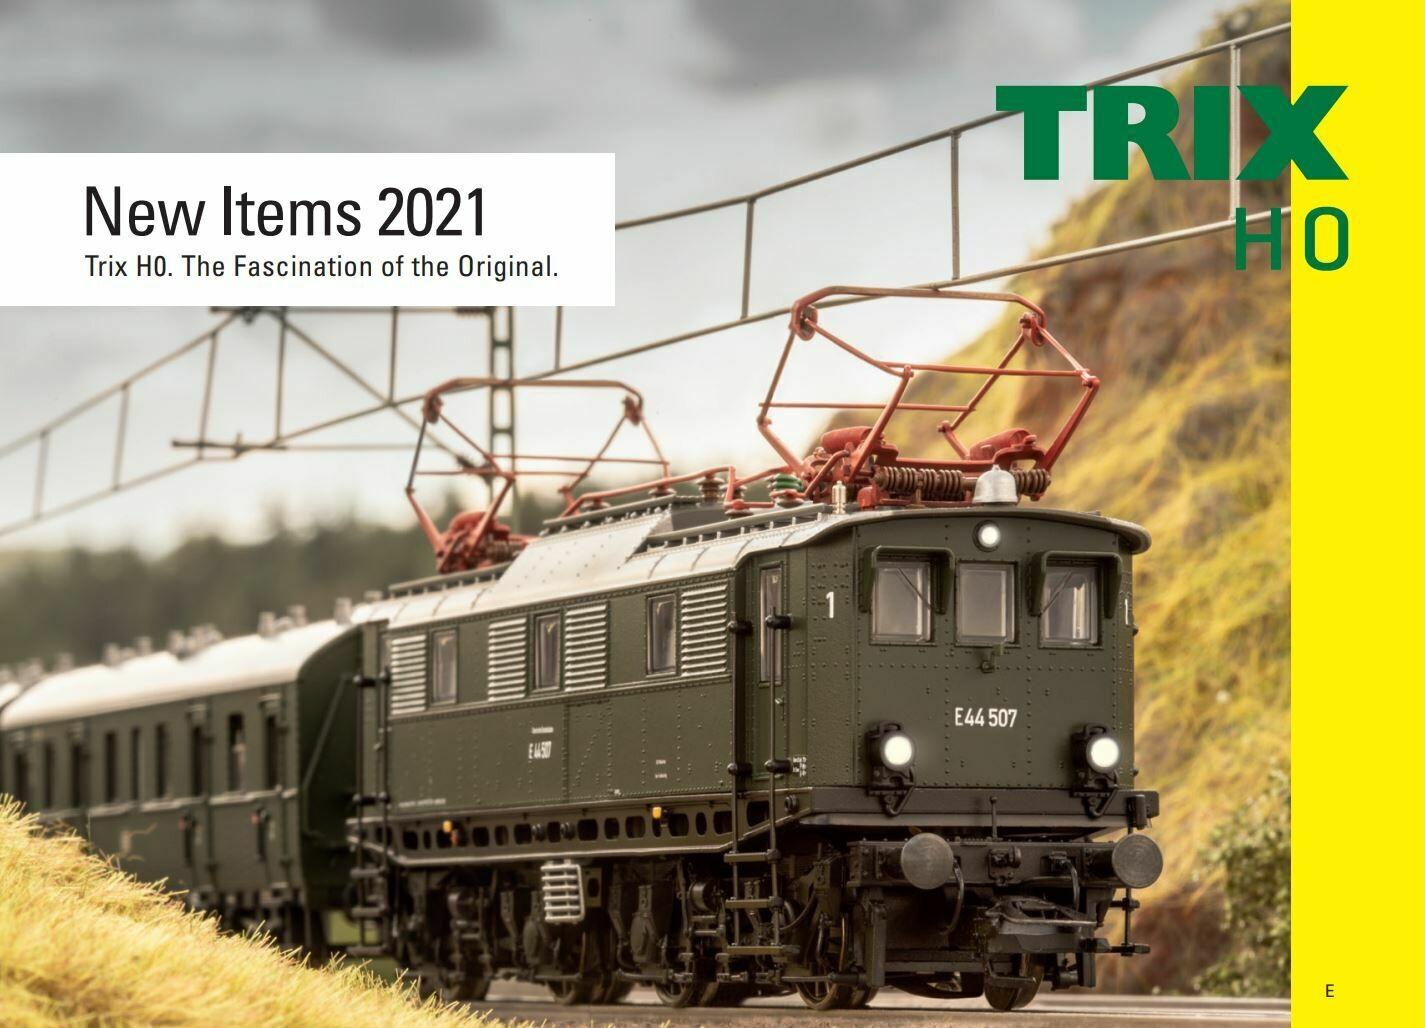 2021 Trix H0 nuevos articulos ingles